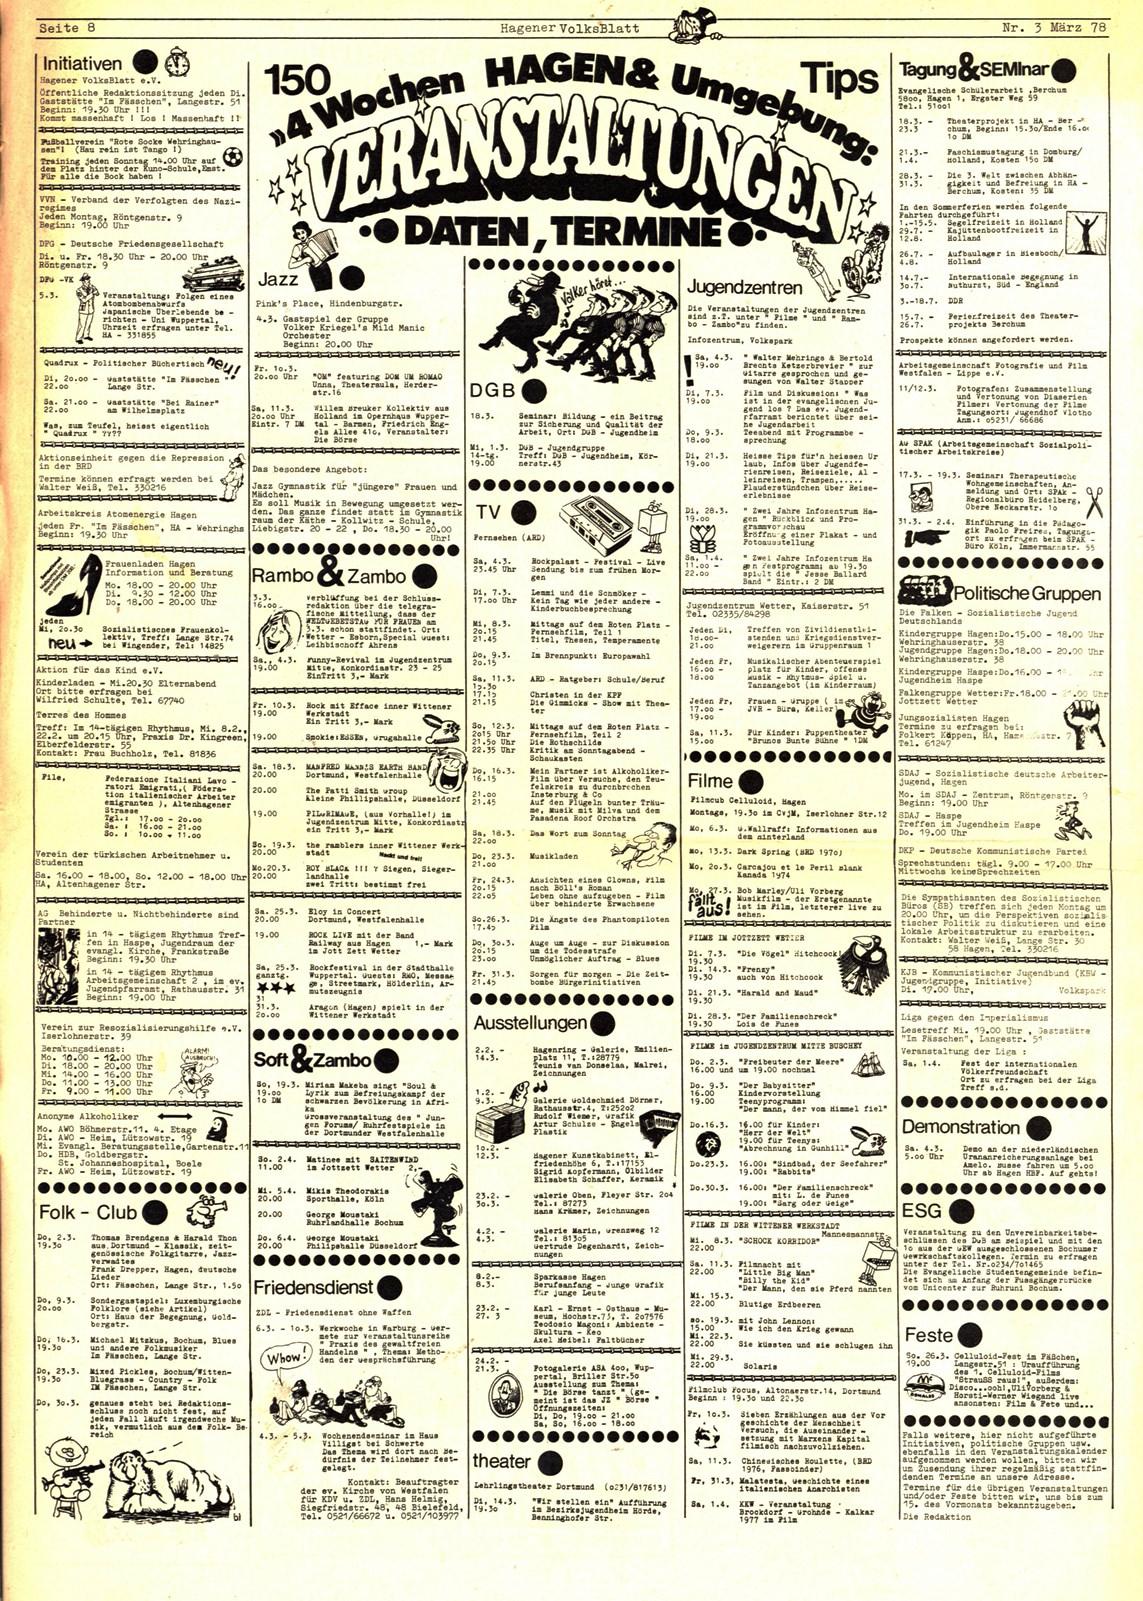 Hagen_Volksblatt_19780300_08